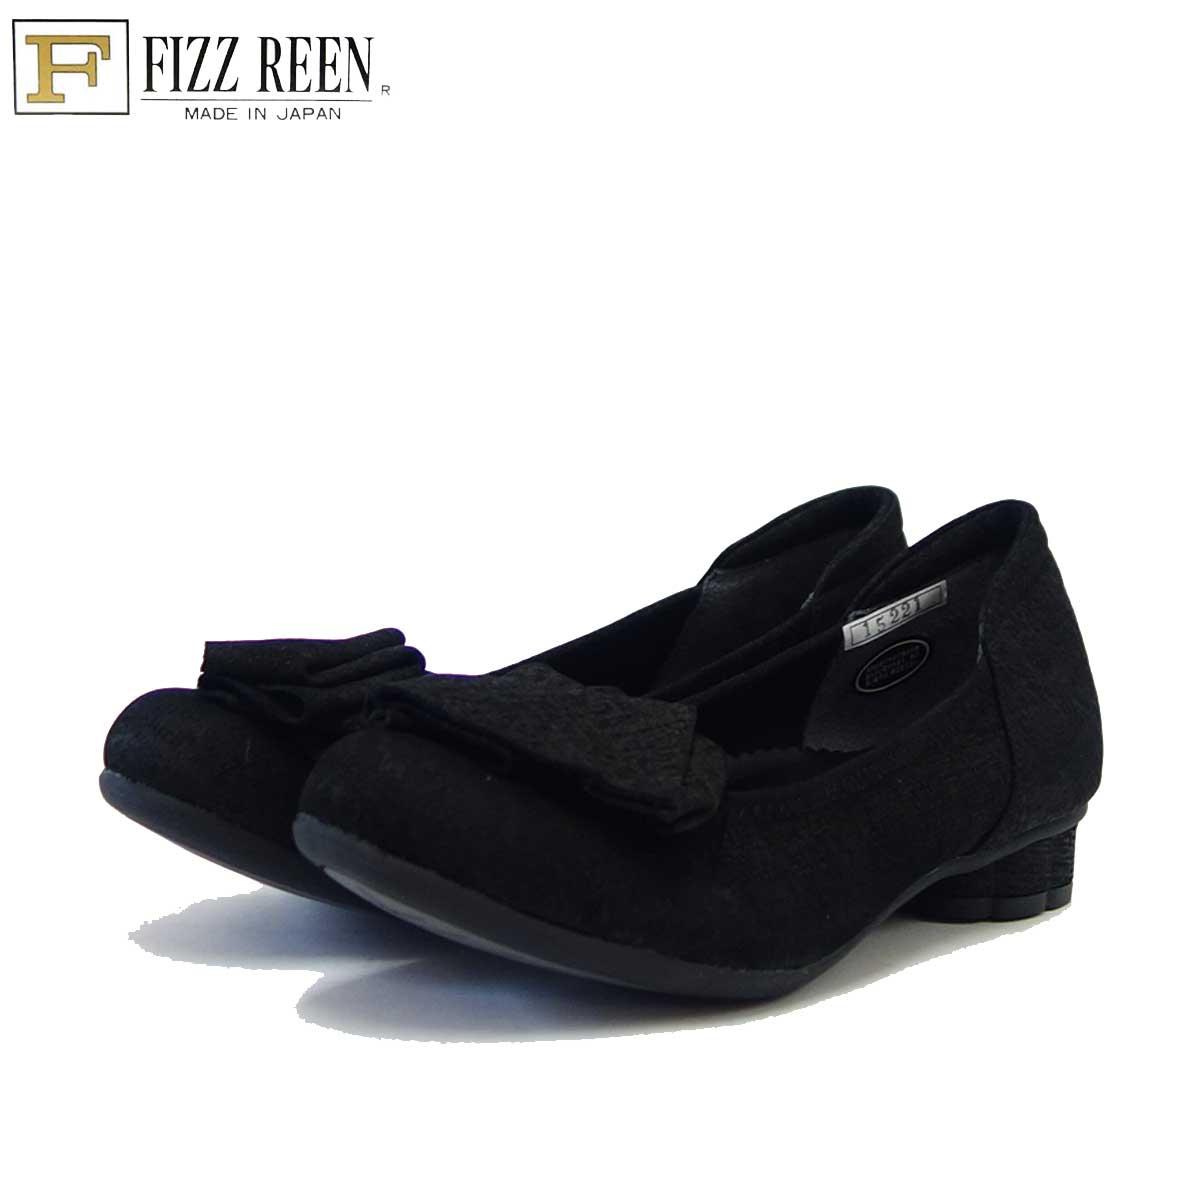 フィズリーン FIZZ REEN 15221 ブラック(レディース) 快適EEEのローヒールパンプス(日本製)「靴」